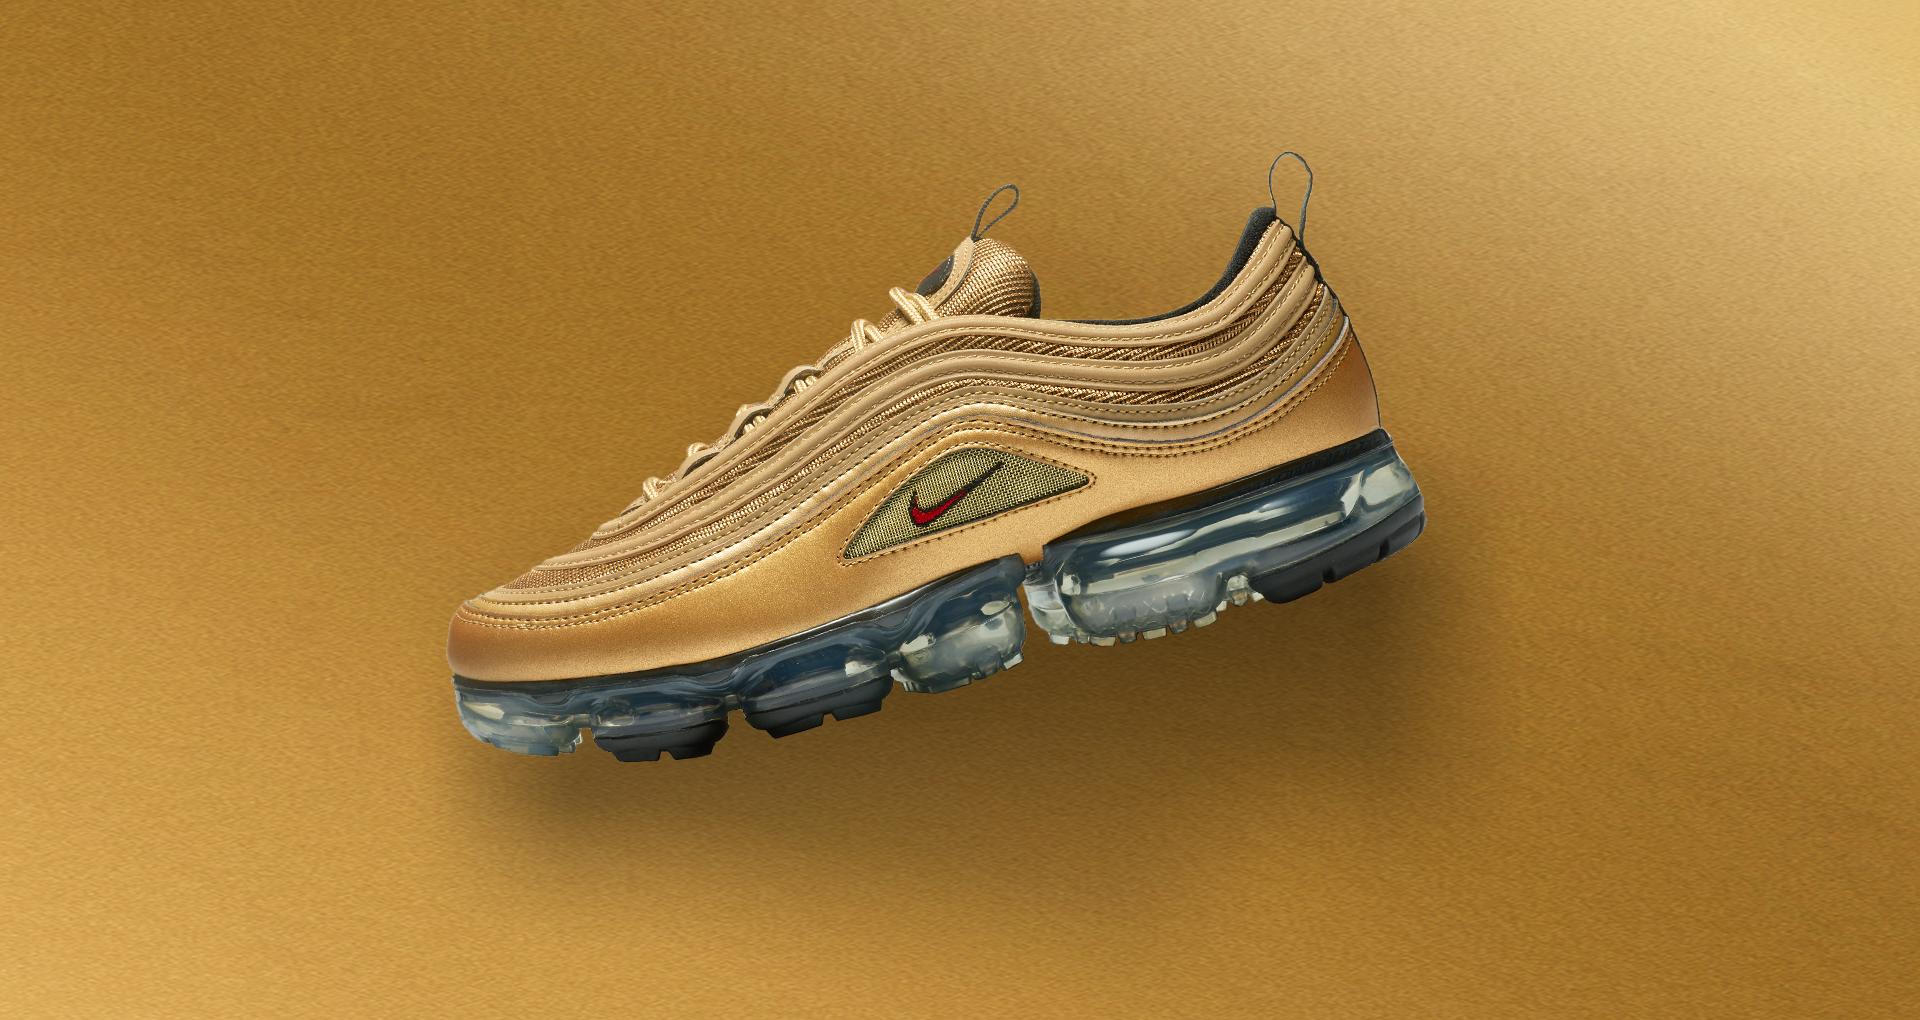 Nike Vapormax 97 'Metallic Gold' Release Date. Nike SNEAKRS LU